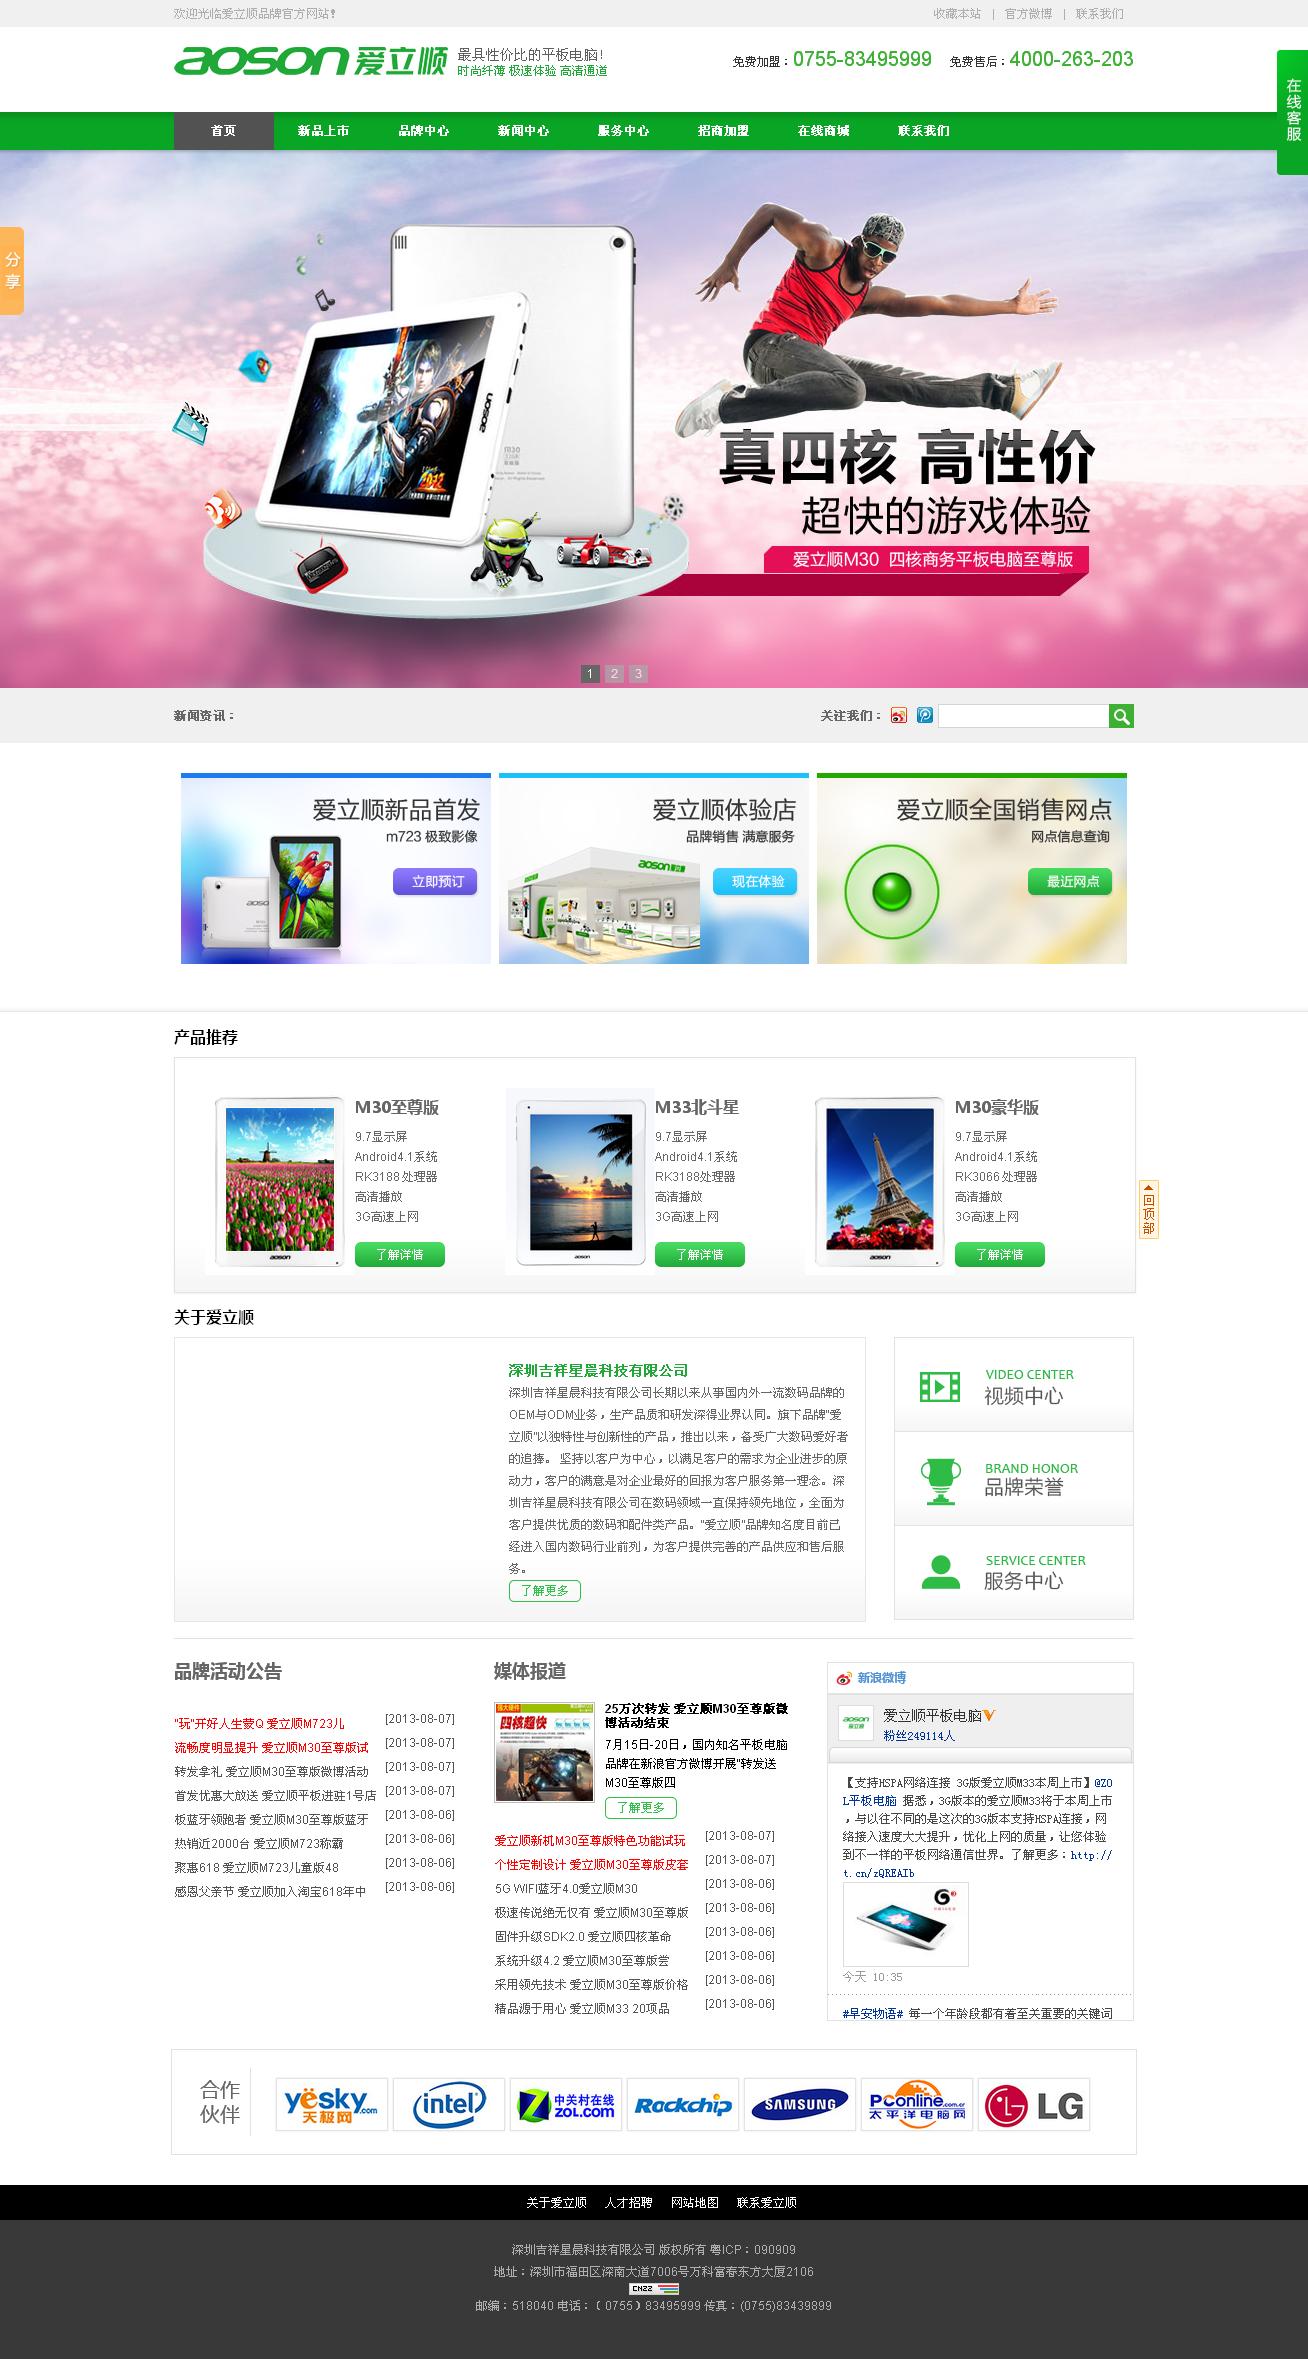 爱立顺营销型网站案例